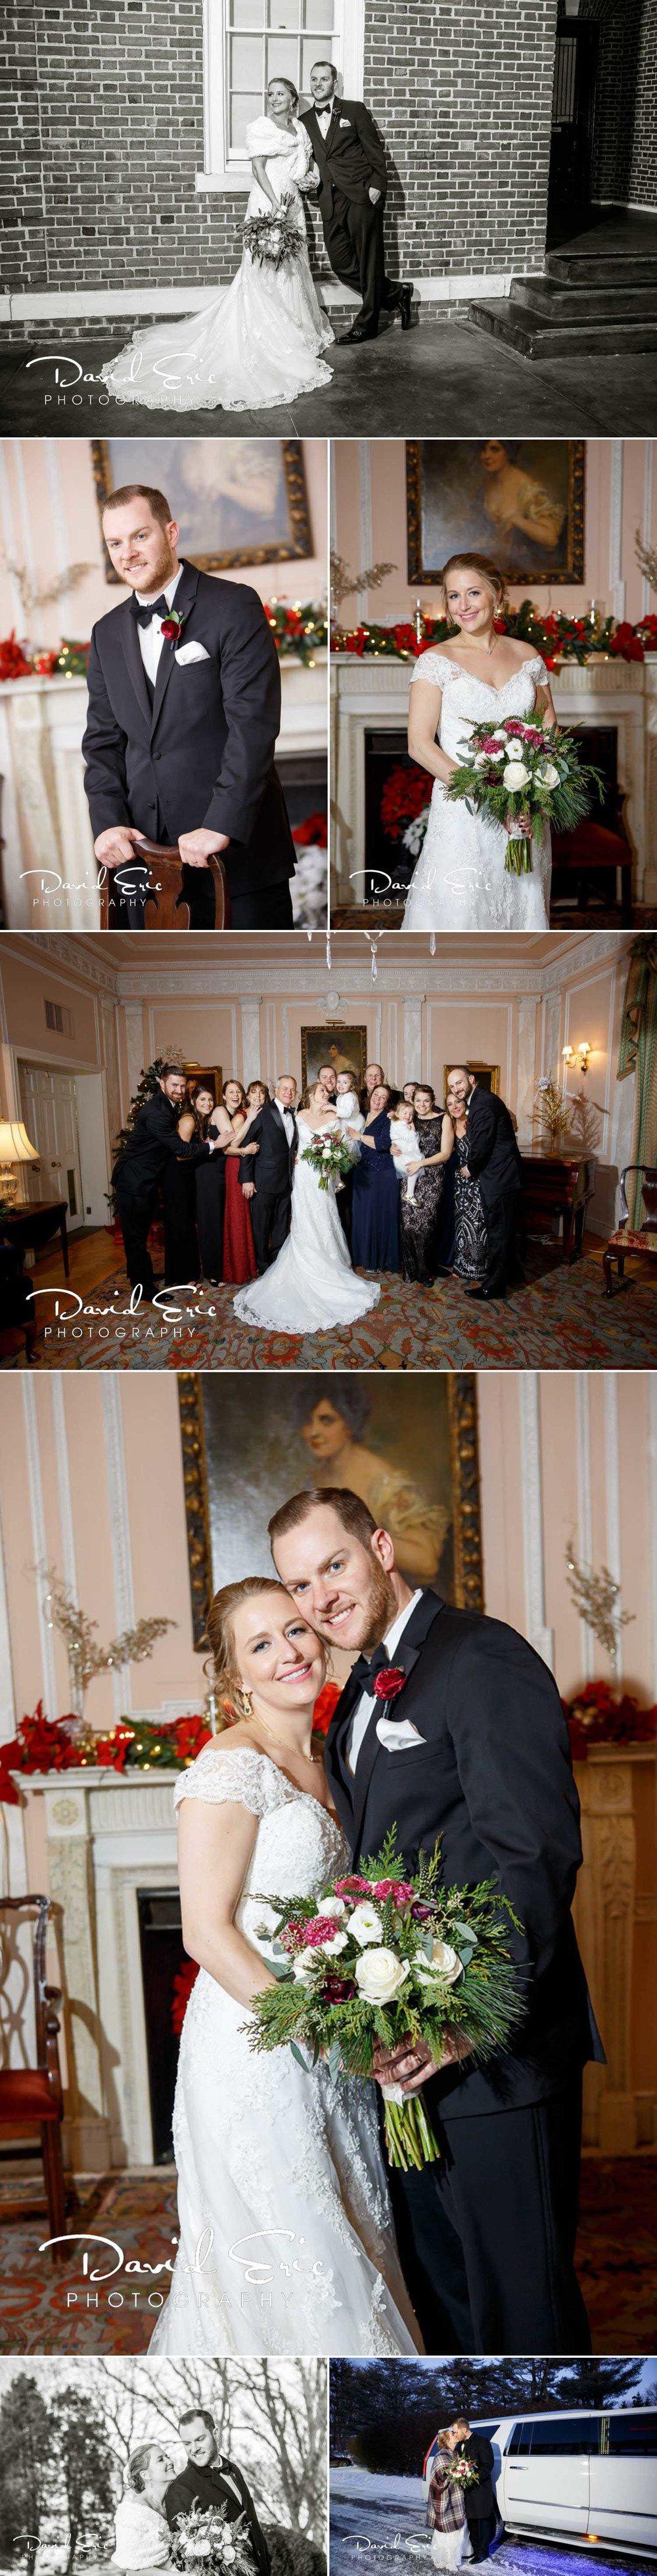 westin-governor-morris-inn-wedding-morristown-0004.jpg